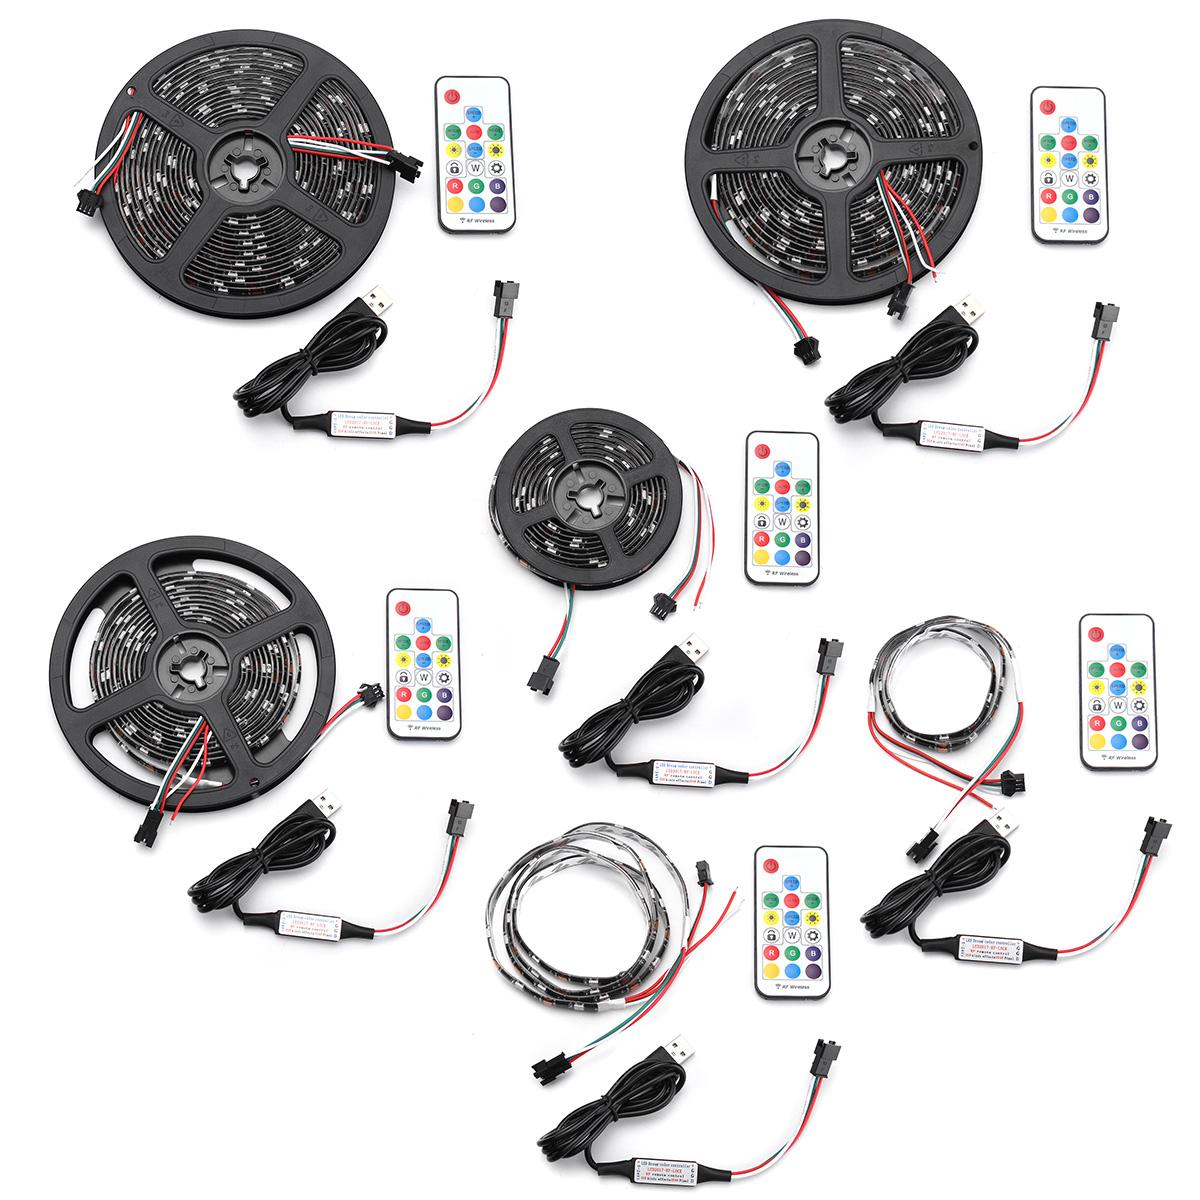 0.5M / 1M/2 M / 3M/4 M / 5 M DC5V USB RGB 5050 WS2812 Étanche LED TV Back Strip Lumière + Télécommande Kit